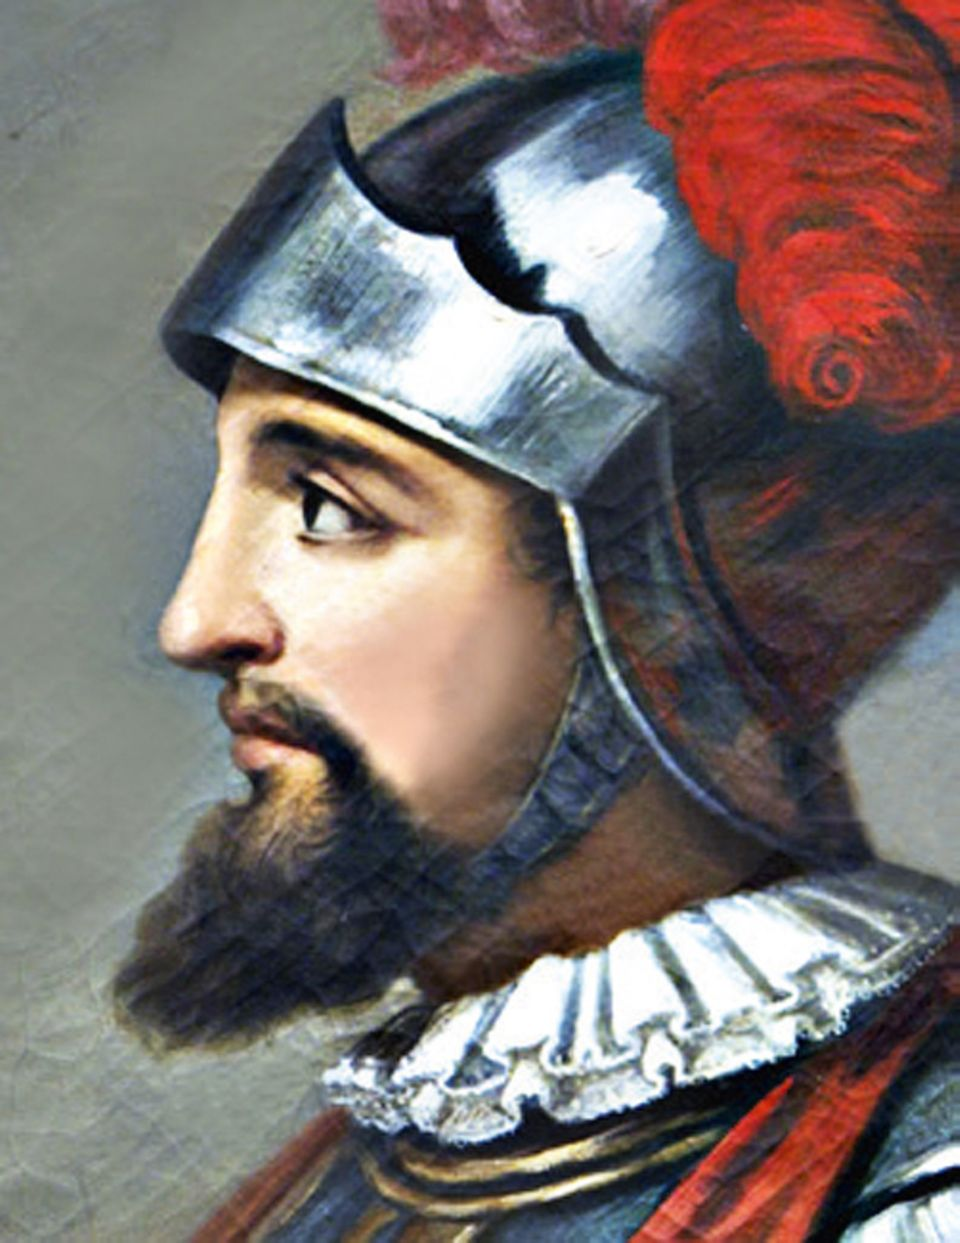 """El Dorado: Núnez de Balboa (1475–1519): 1513 erreicht er über die Landenge von Panama den Pazifik - und nimmt das """"Südmeer"""" für Spanien in Besitz"""